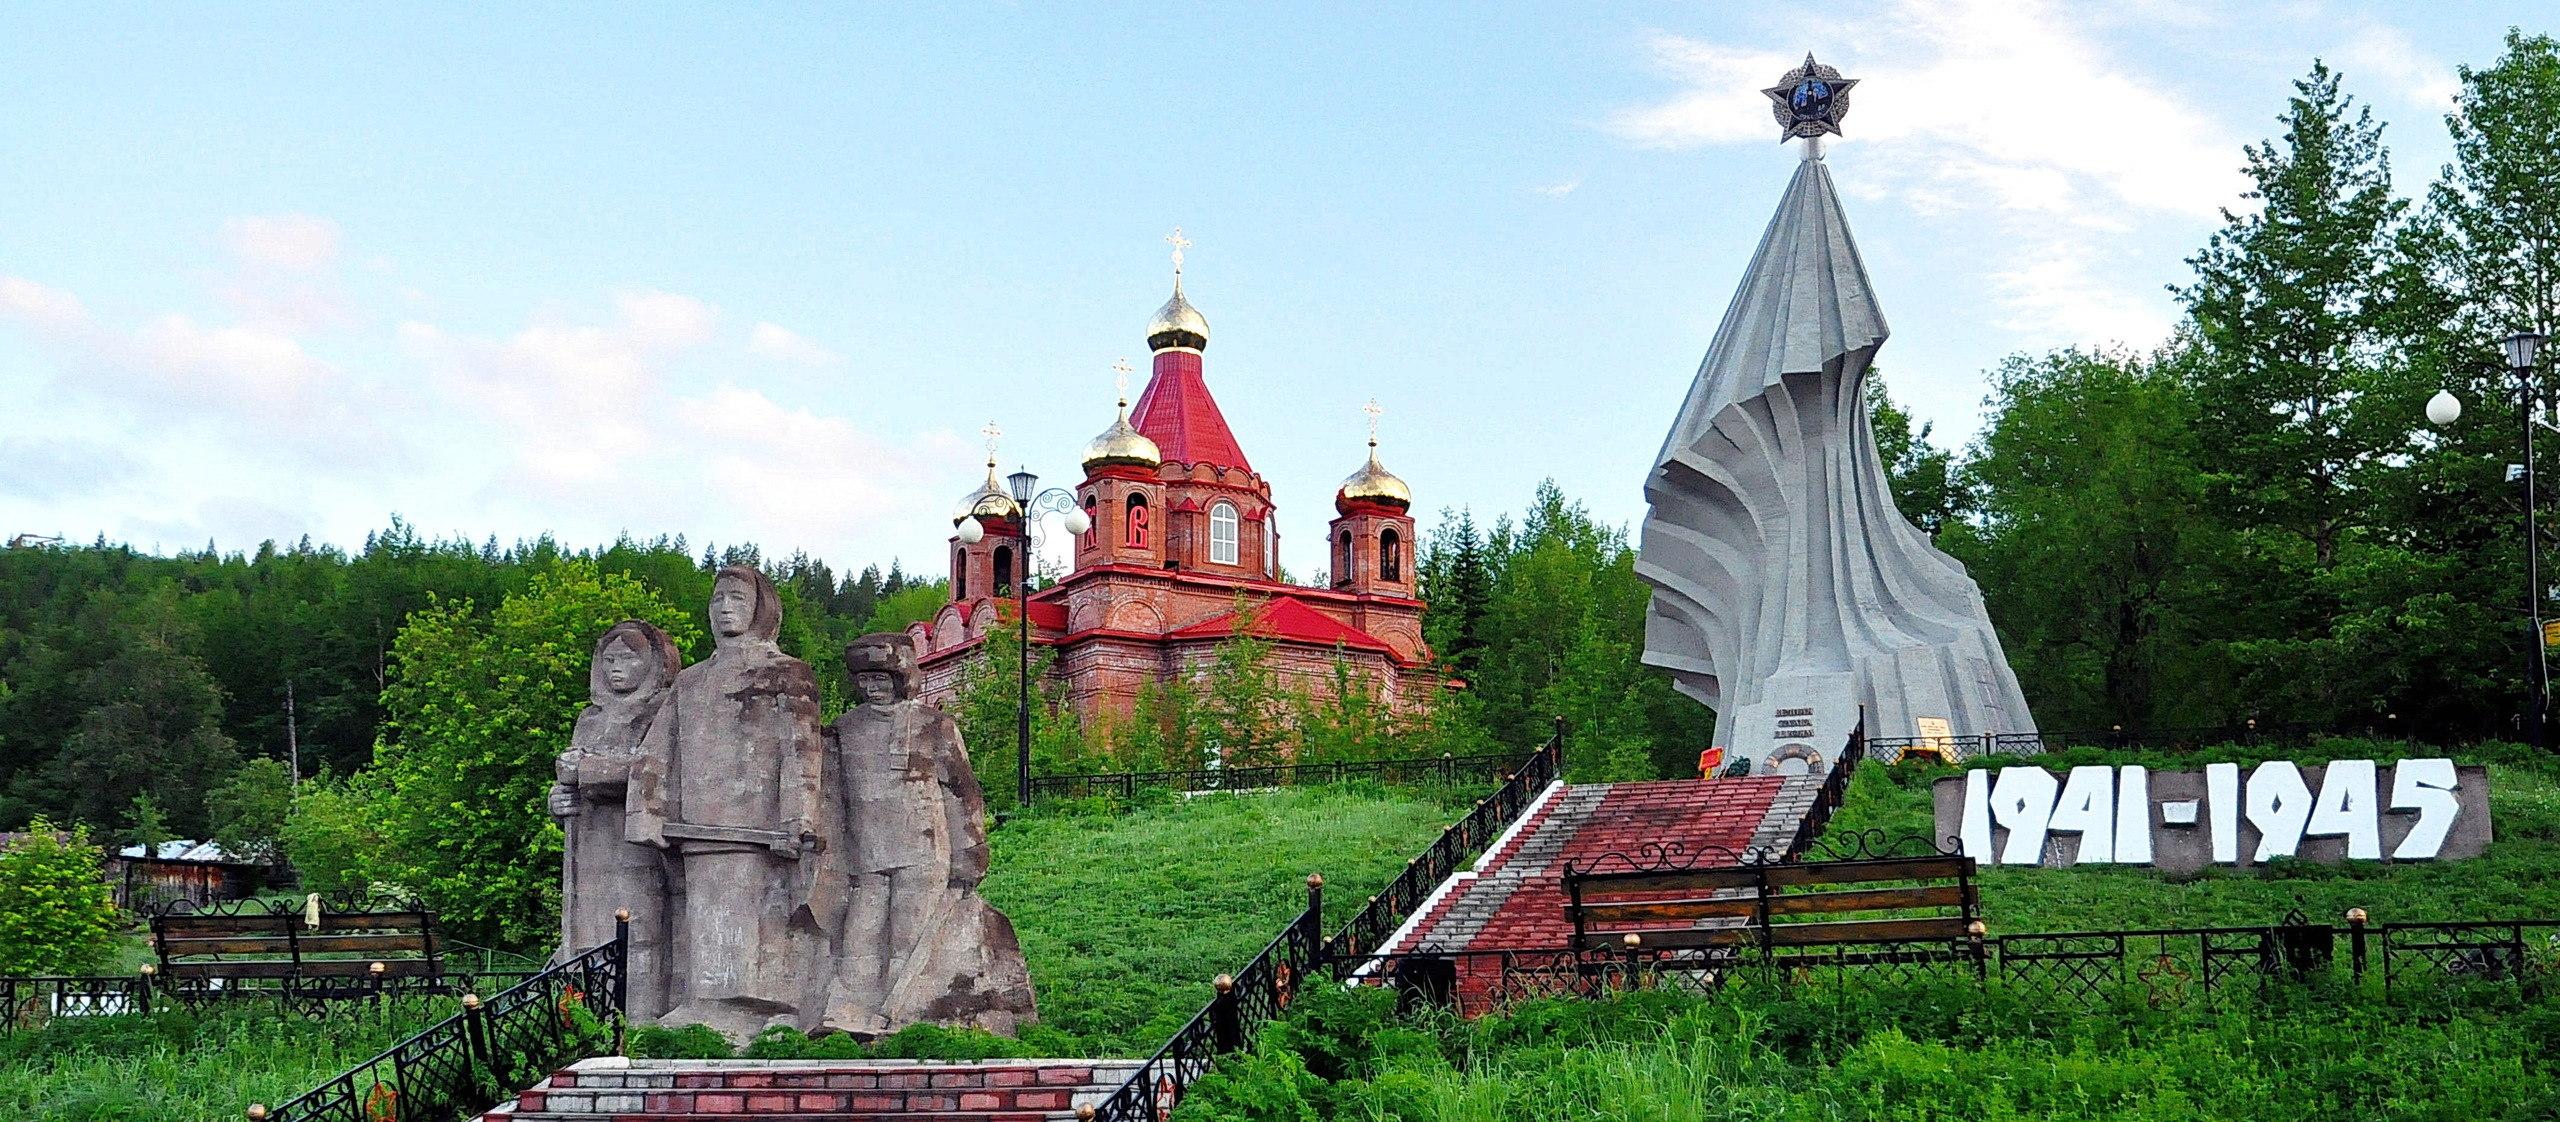 Айсен Николаев: Трудовой подвиг Алдана в годы войны достоин высокого звания «Город трудовой доблести»